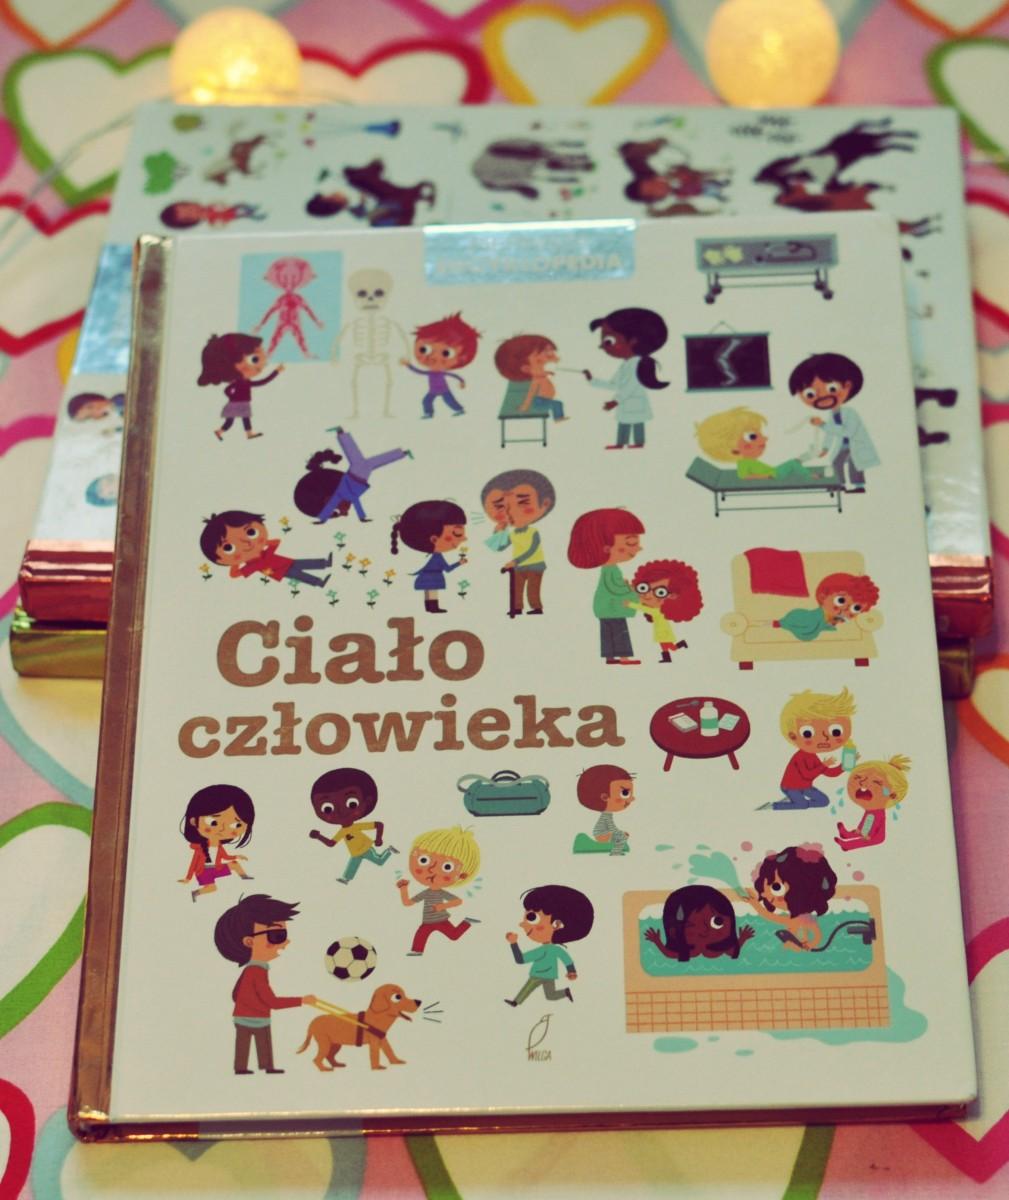 Encyklopedie dla dzieci. Czy warto sięgać po takie książki?